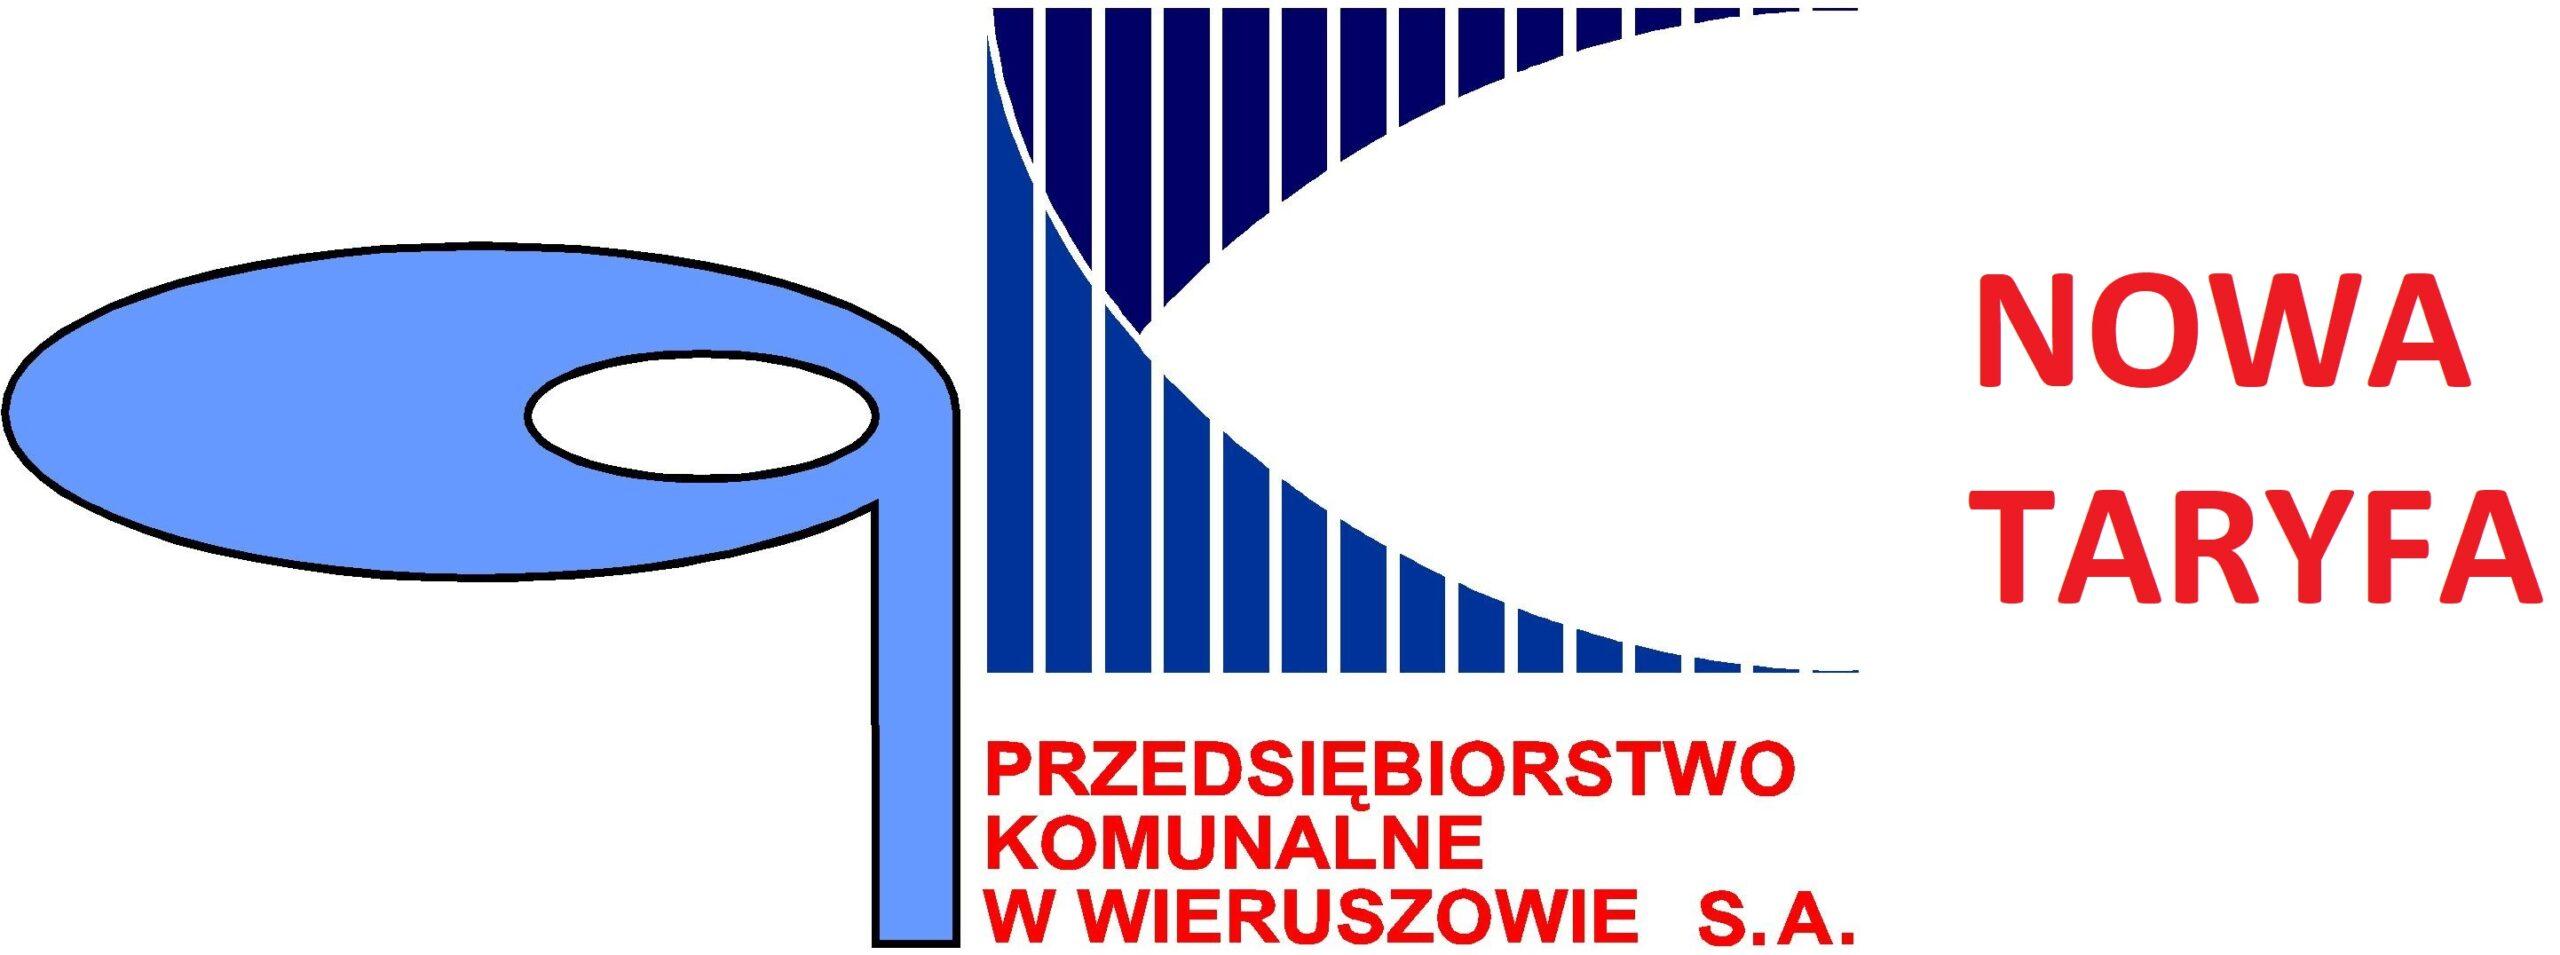 Ogłoszenie taryfy dla zbiorowego zaopatrzenia w wodę i zbiorowego odprowadzania ścieków na terenie Gminy Wieruszów od 22 września 2021 roku do 21 września 2024 roku